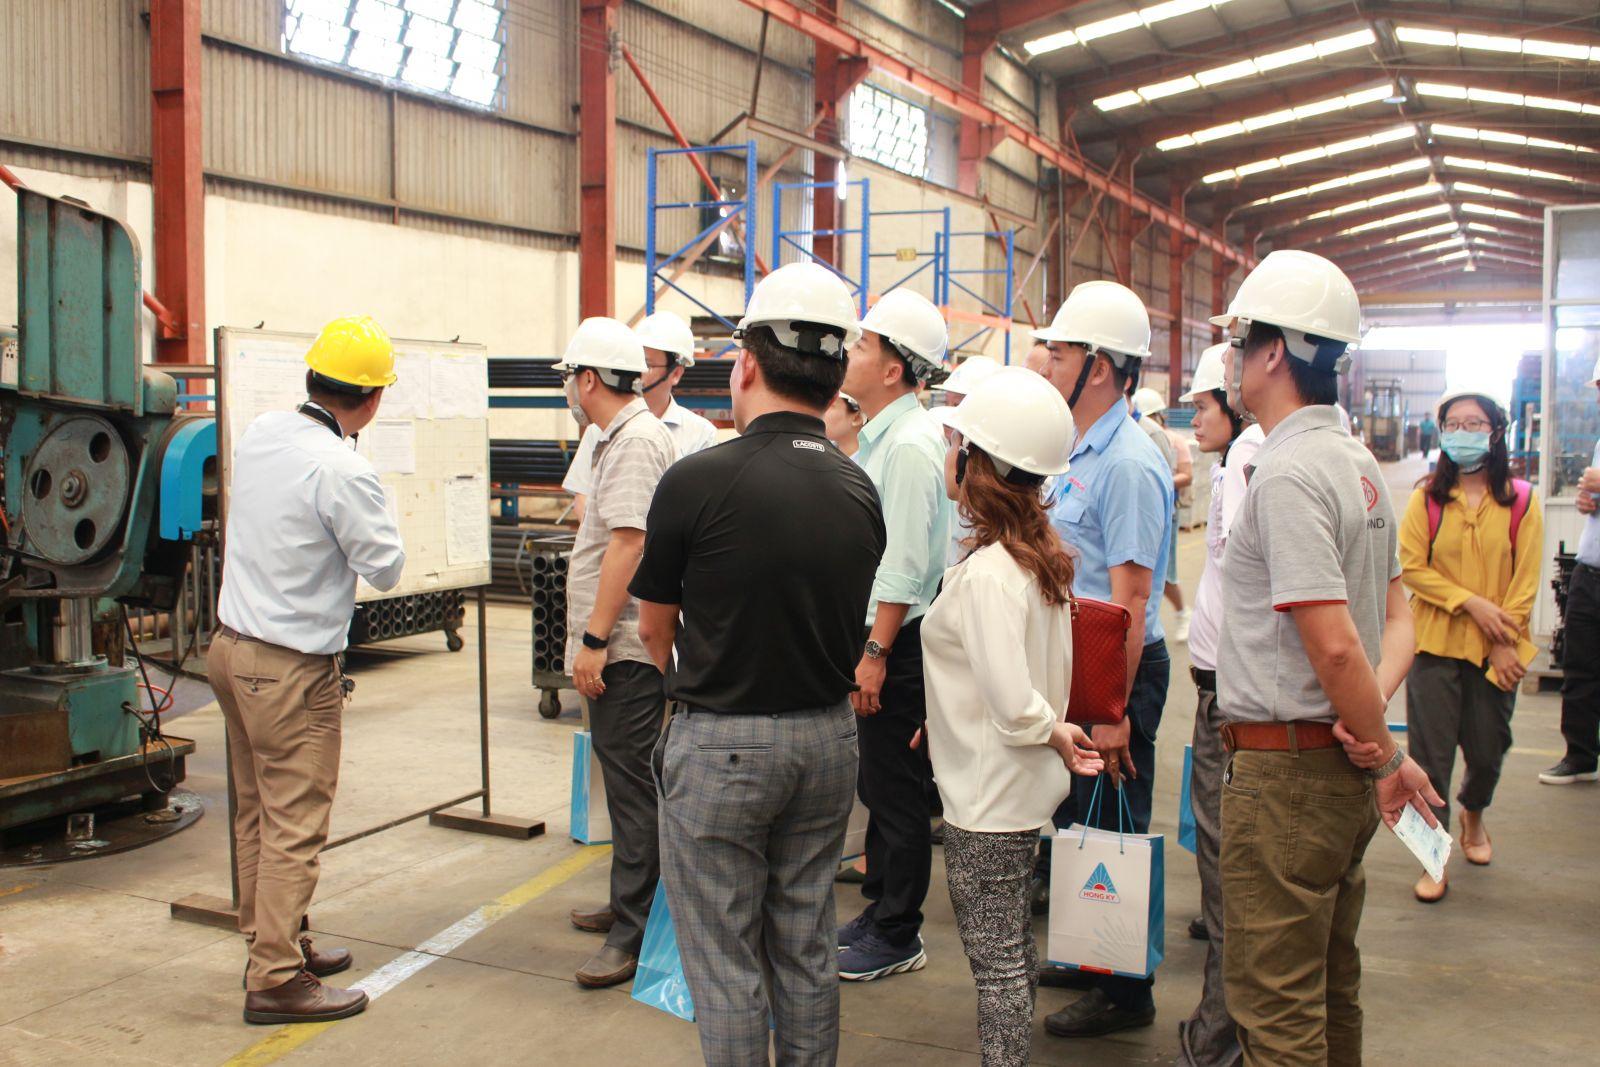 Hội thảo do BIFA (Hiệp hội chế biến gỗ tỉnh Bình Dương) phối hợp cùng dự án SCORE (ILO) và Công ty Hồng Ký tổ chức